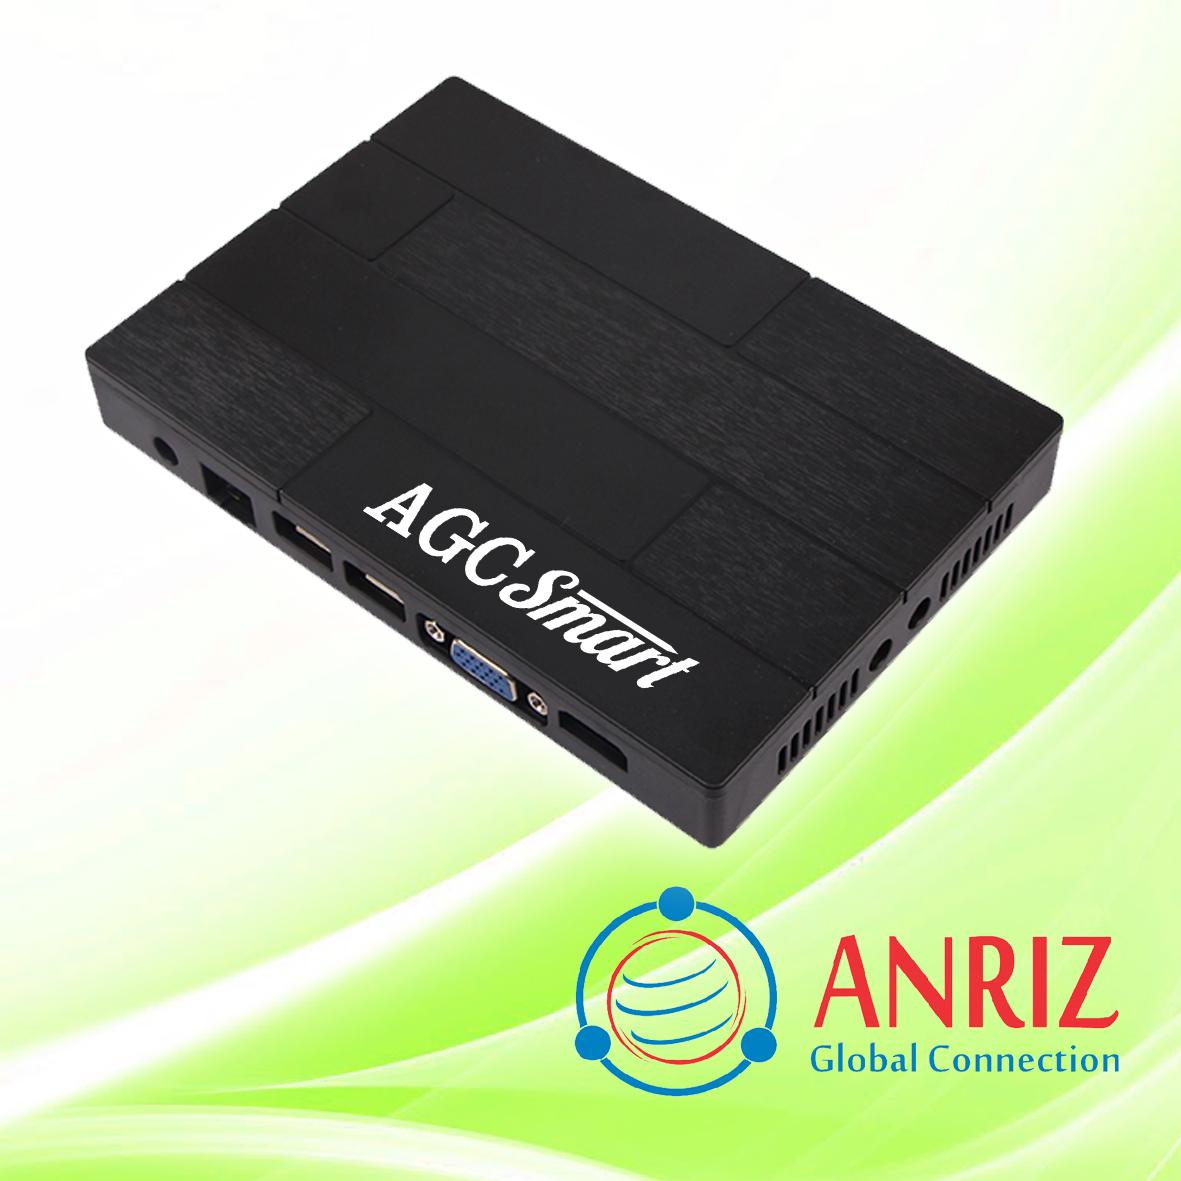 zeroclient-agc-200n